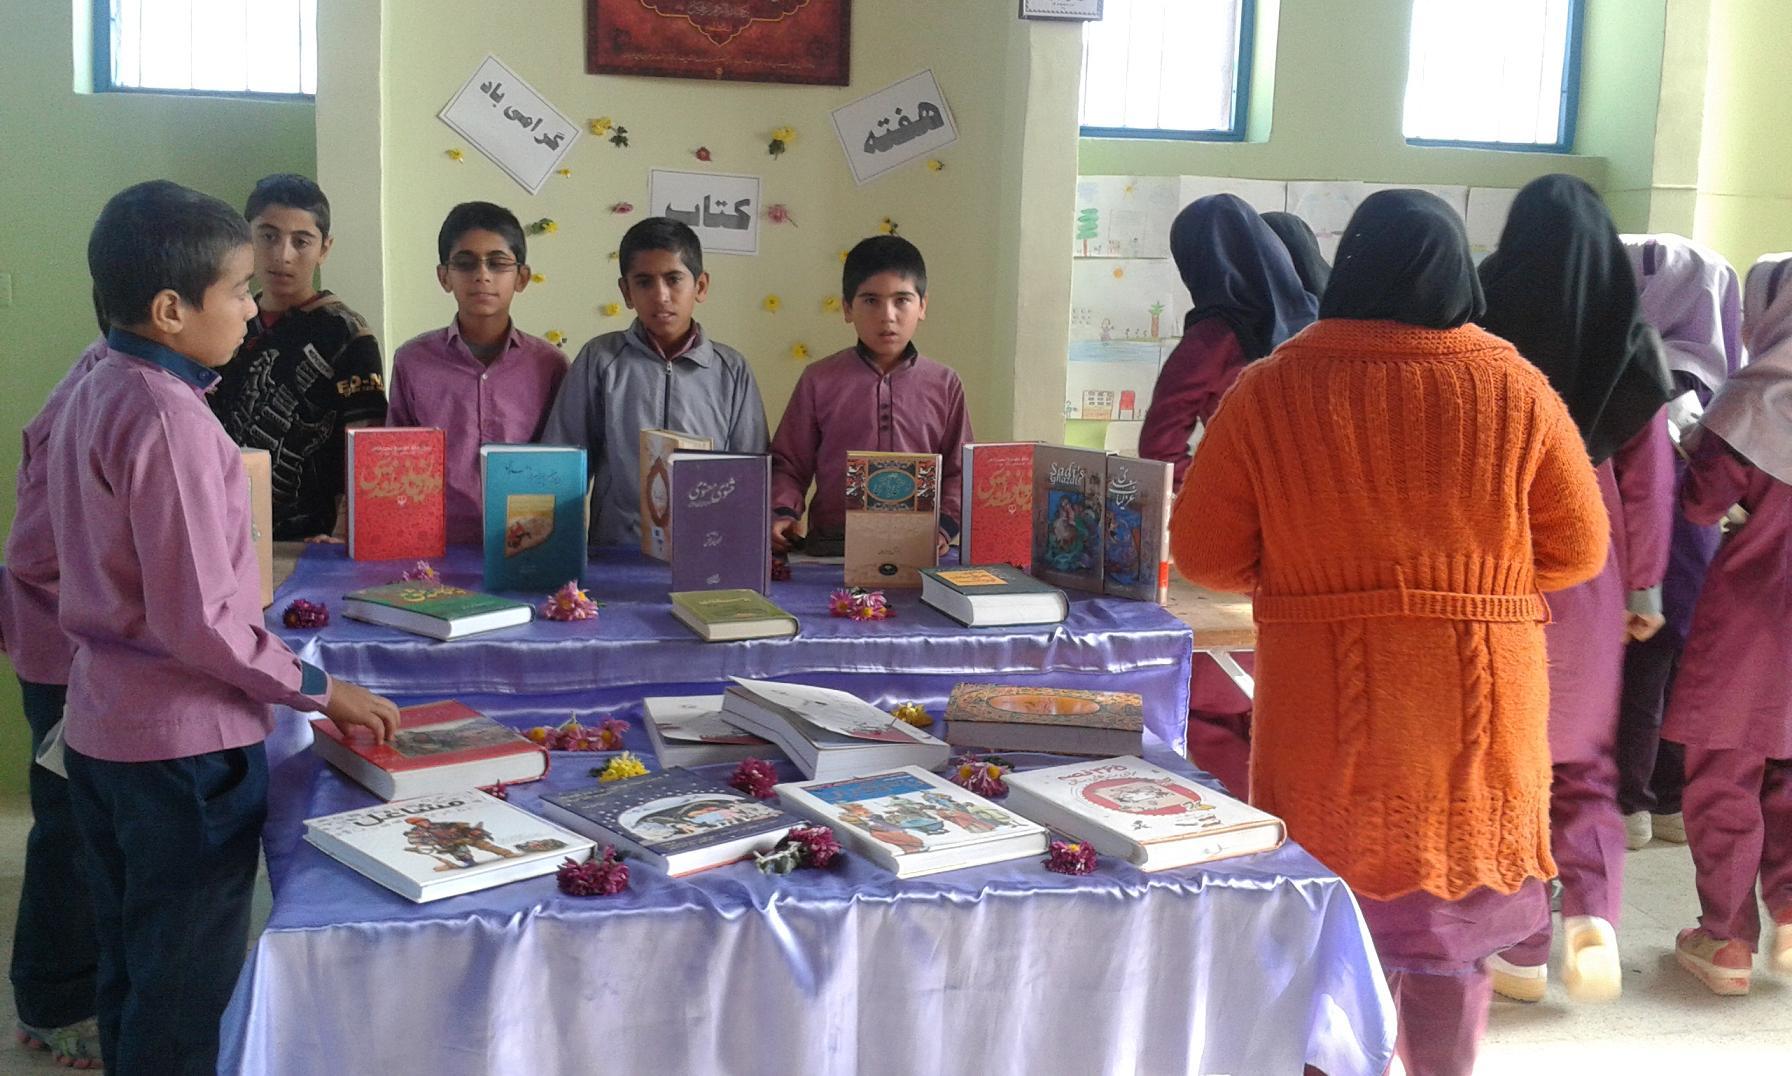 برپایی نمایشگاه کتاب در هفته کتاب و کتابخوانی